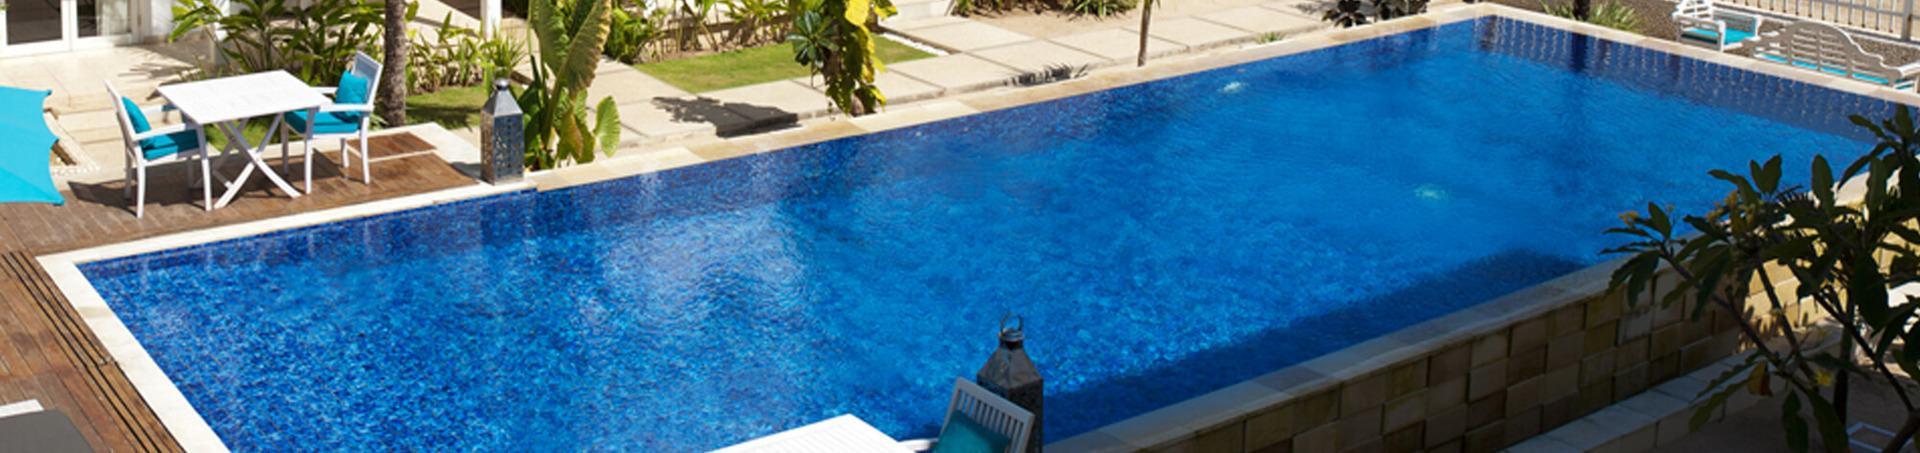 les liners piscines aquinox